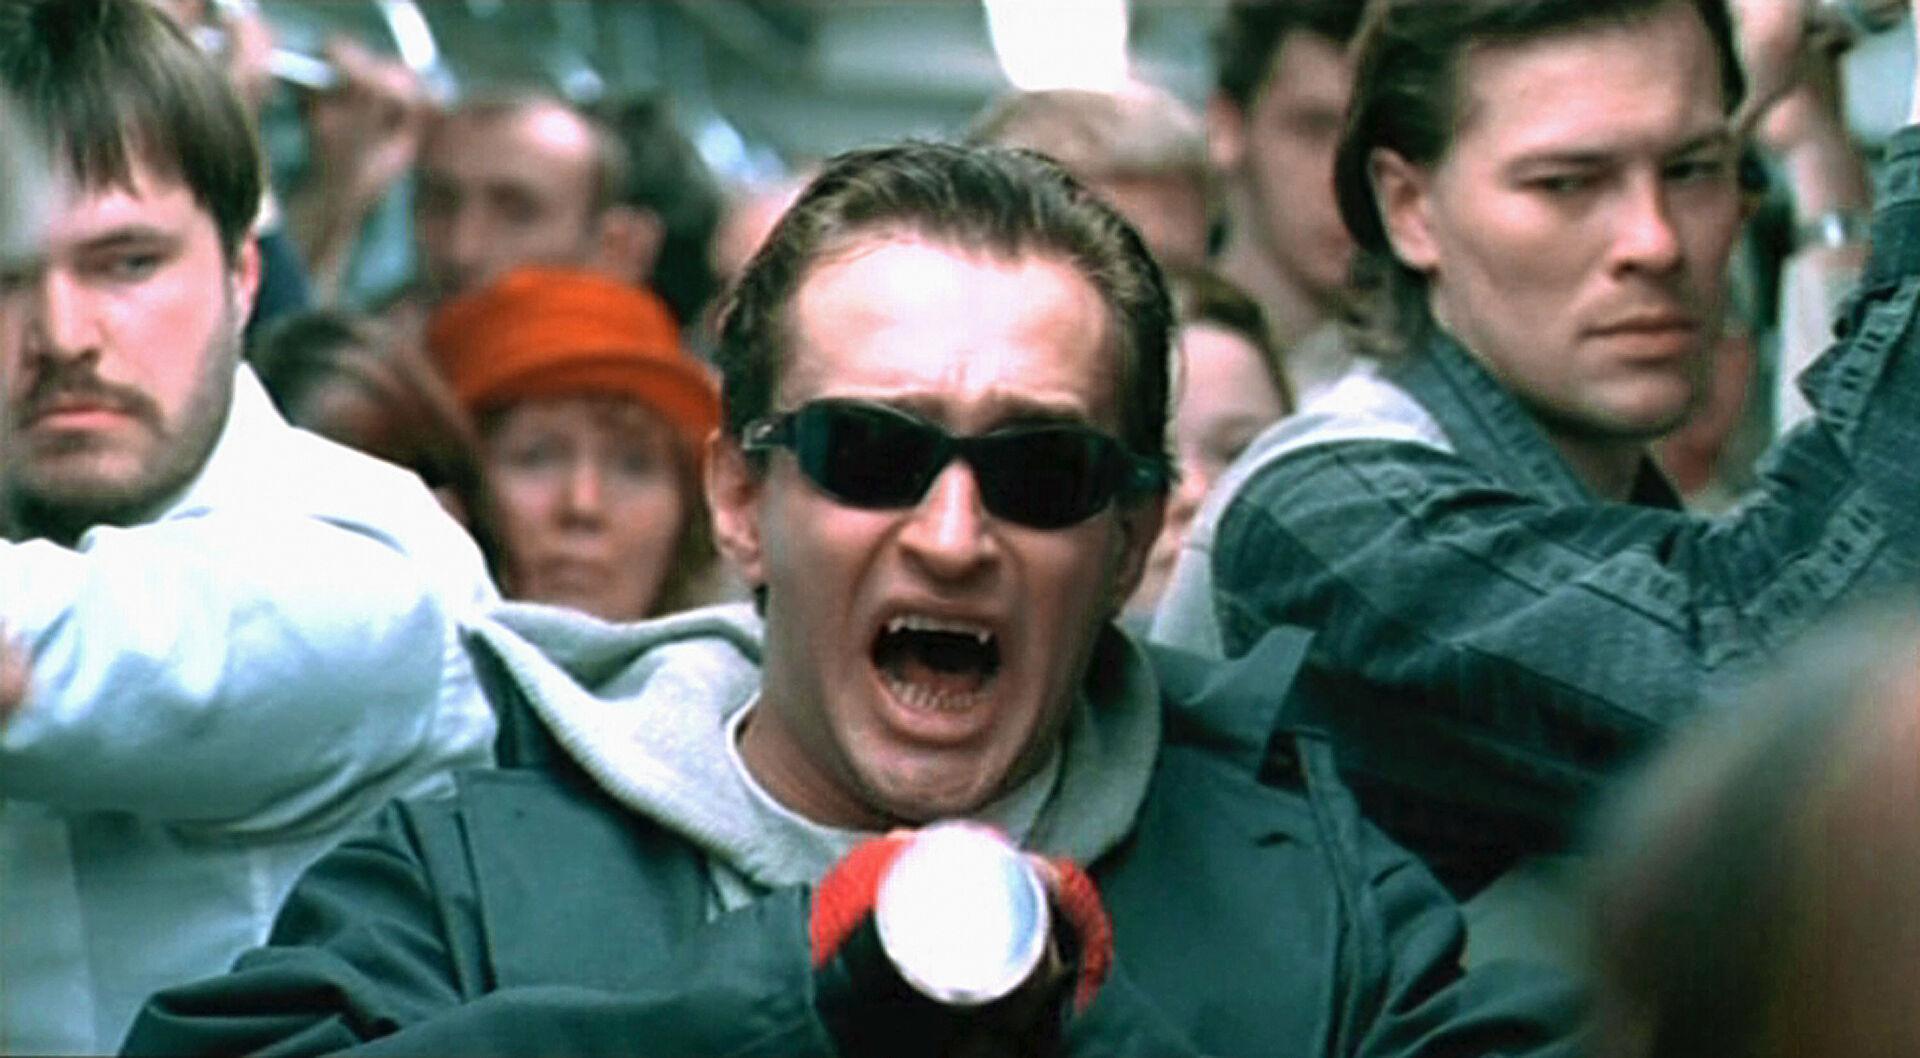 """Съёмки фильма """"Вызов"""" в космосе - трезвый взгляд на грандиозный замысел"""